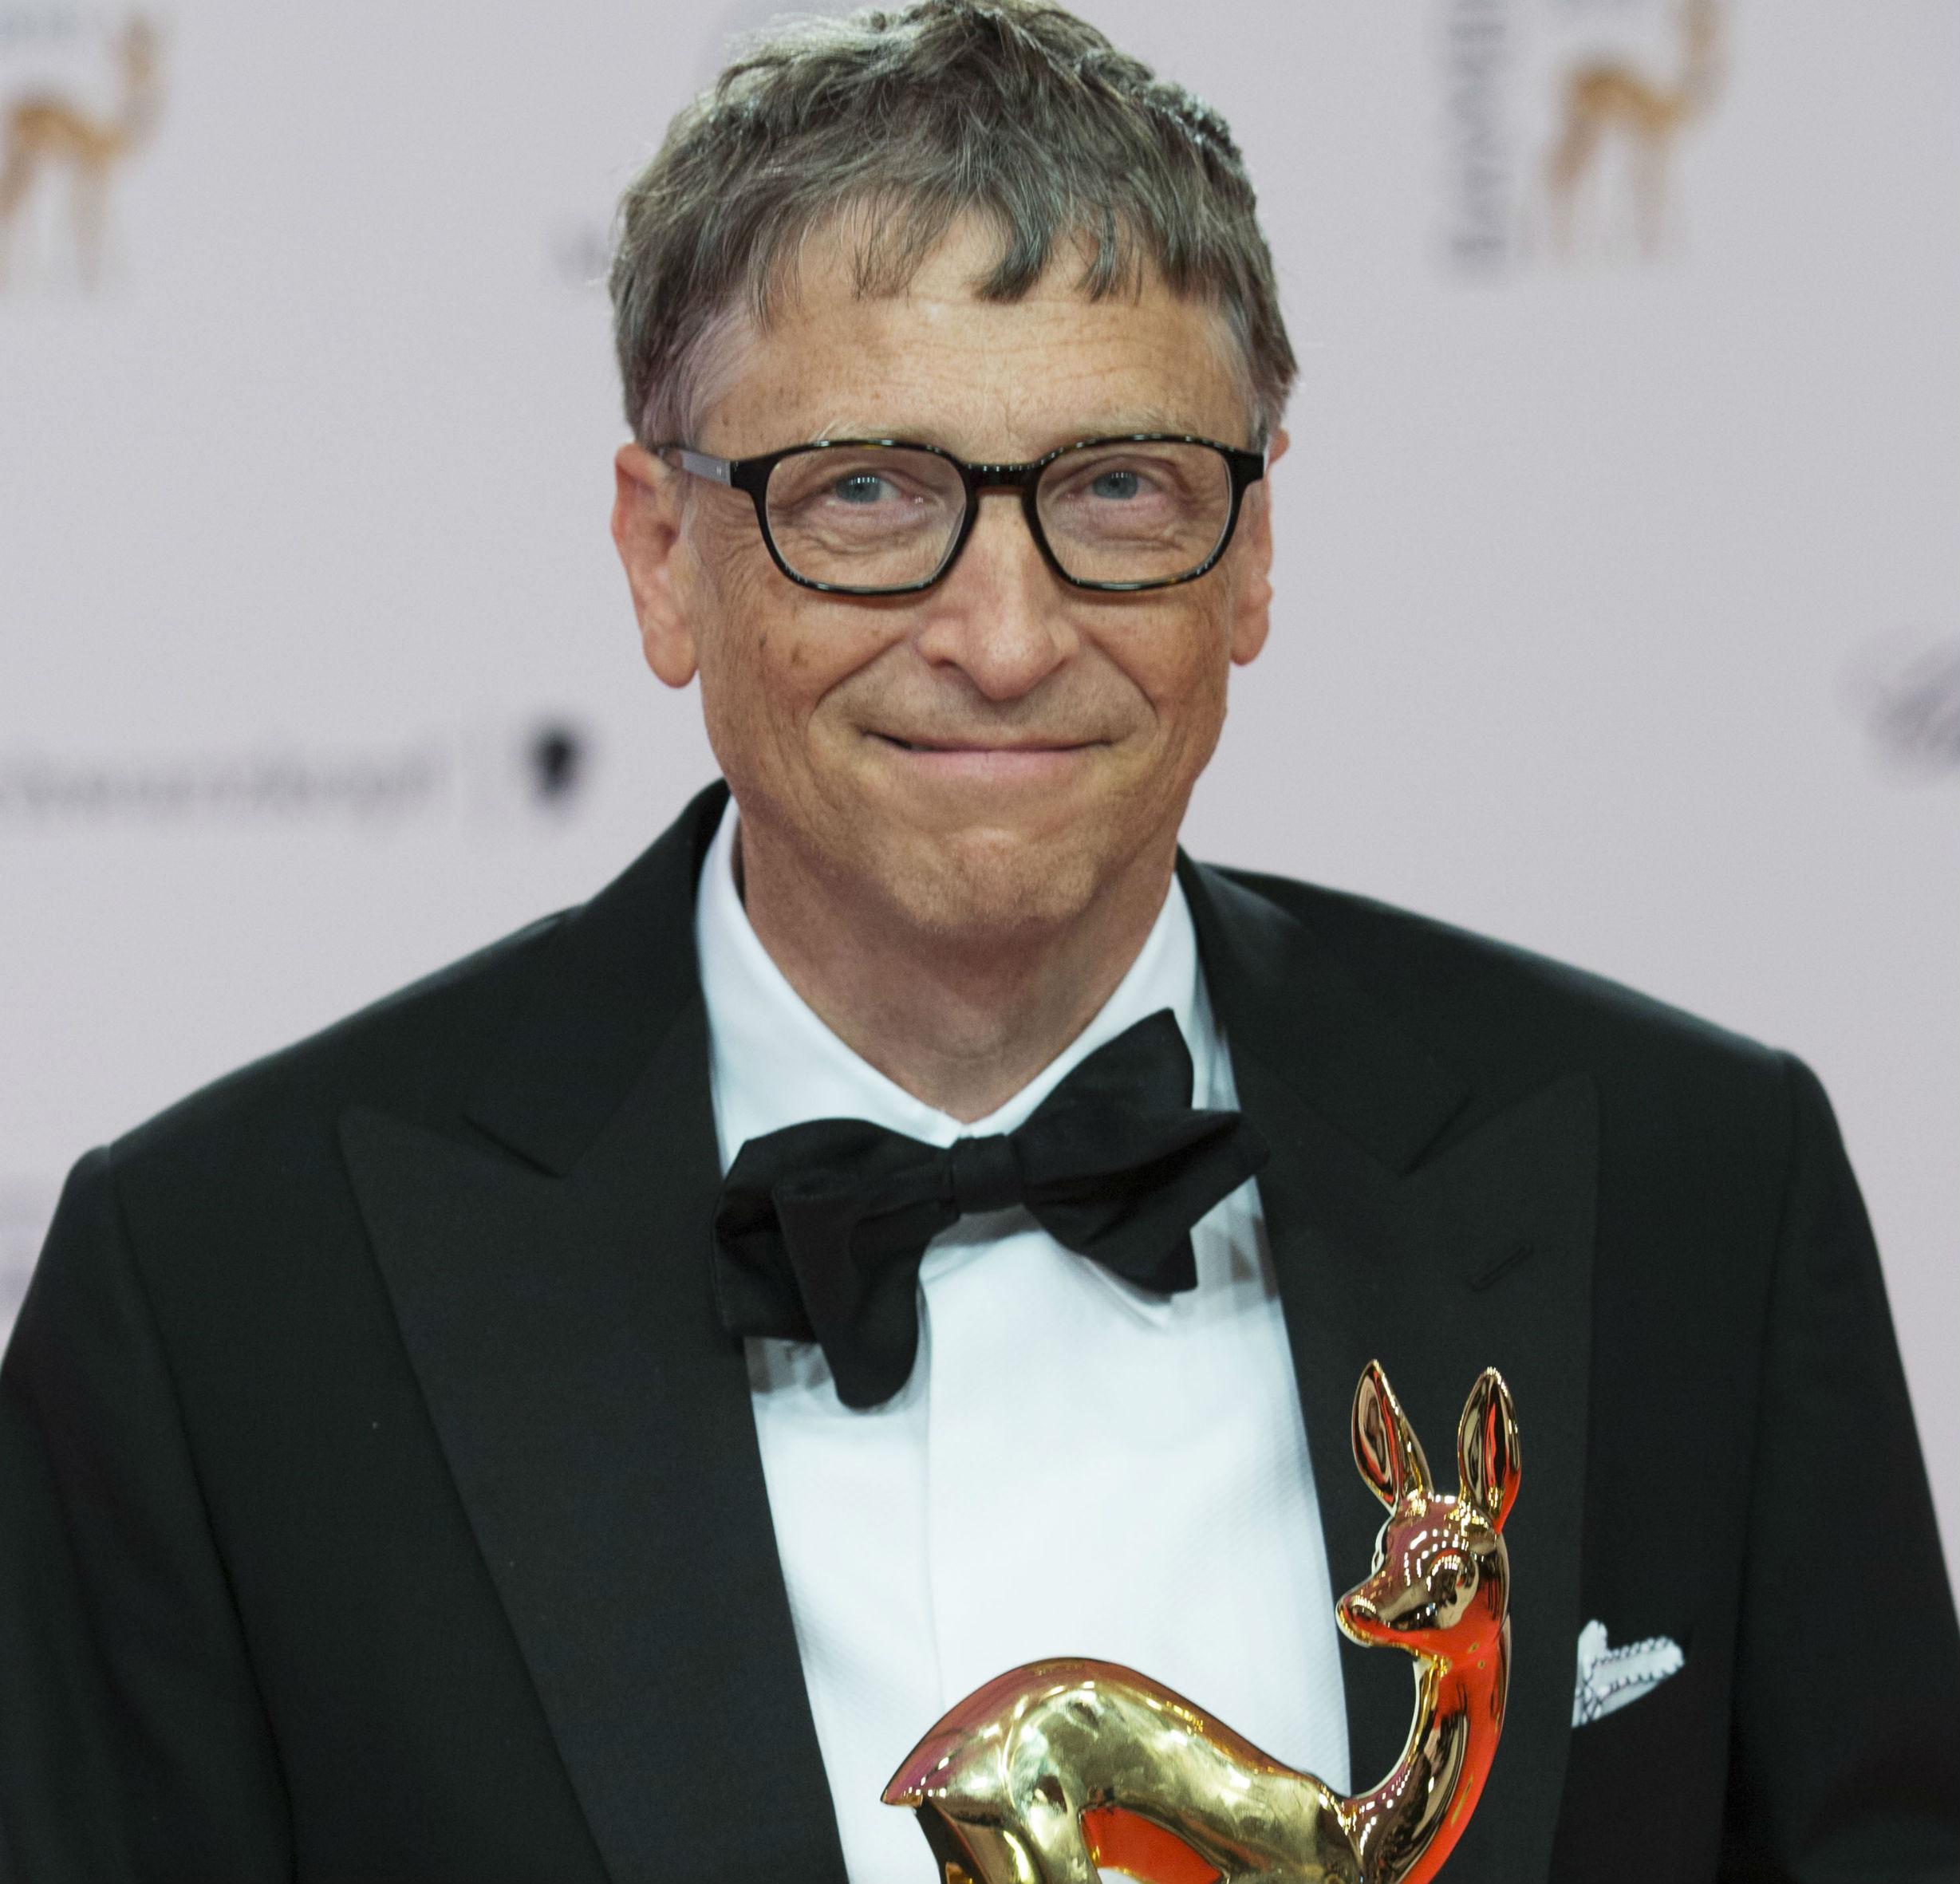 bill gates recupera el trono en 2014. es de nuevo el hombre más rico del planeta